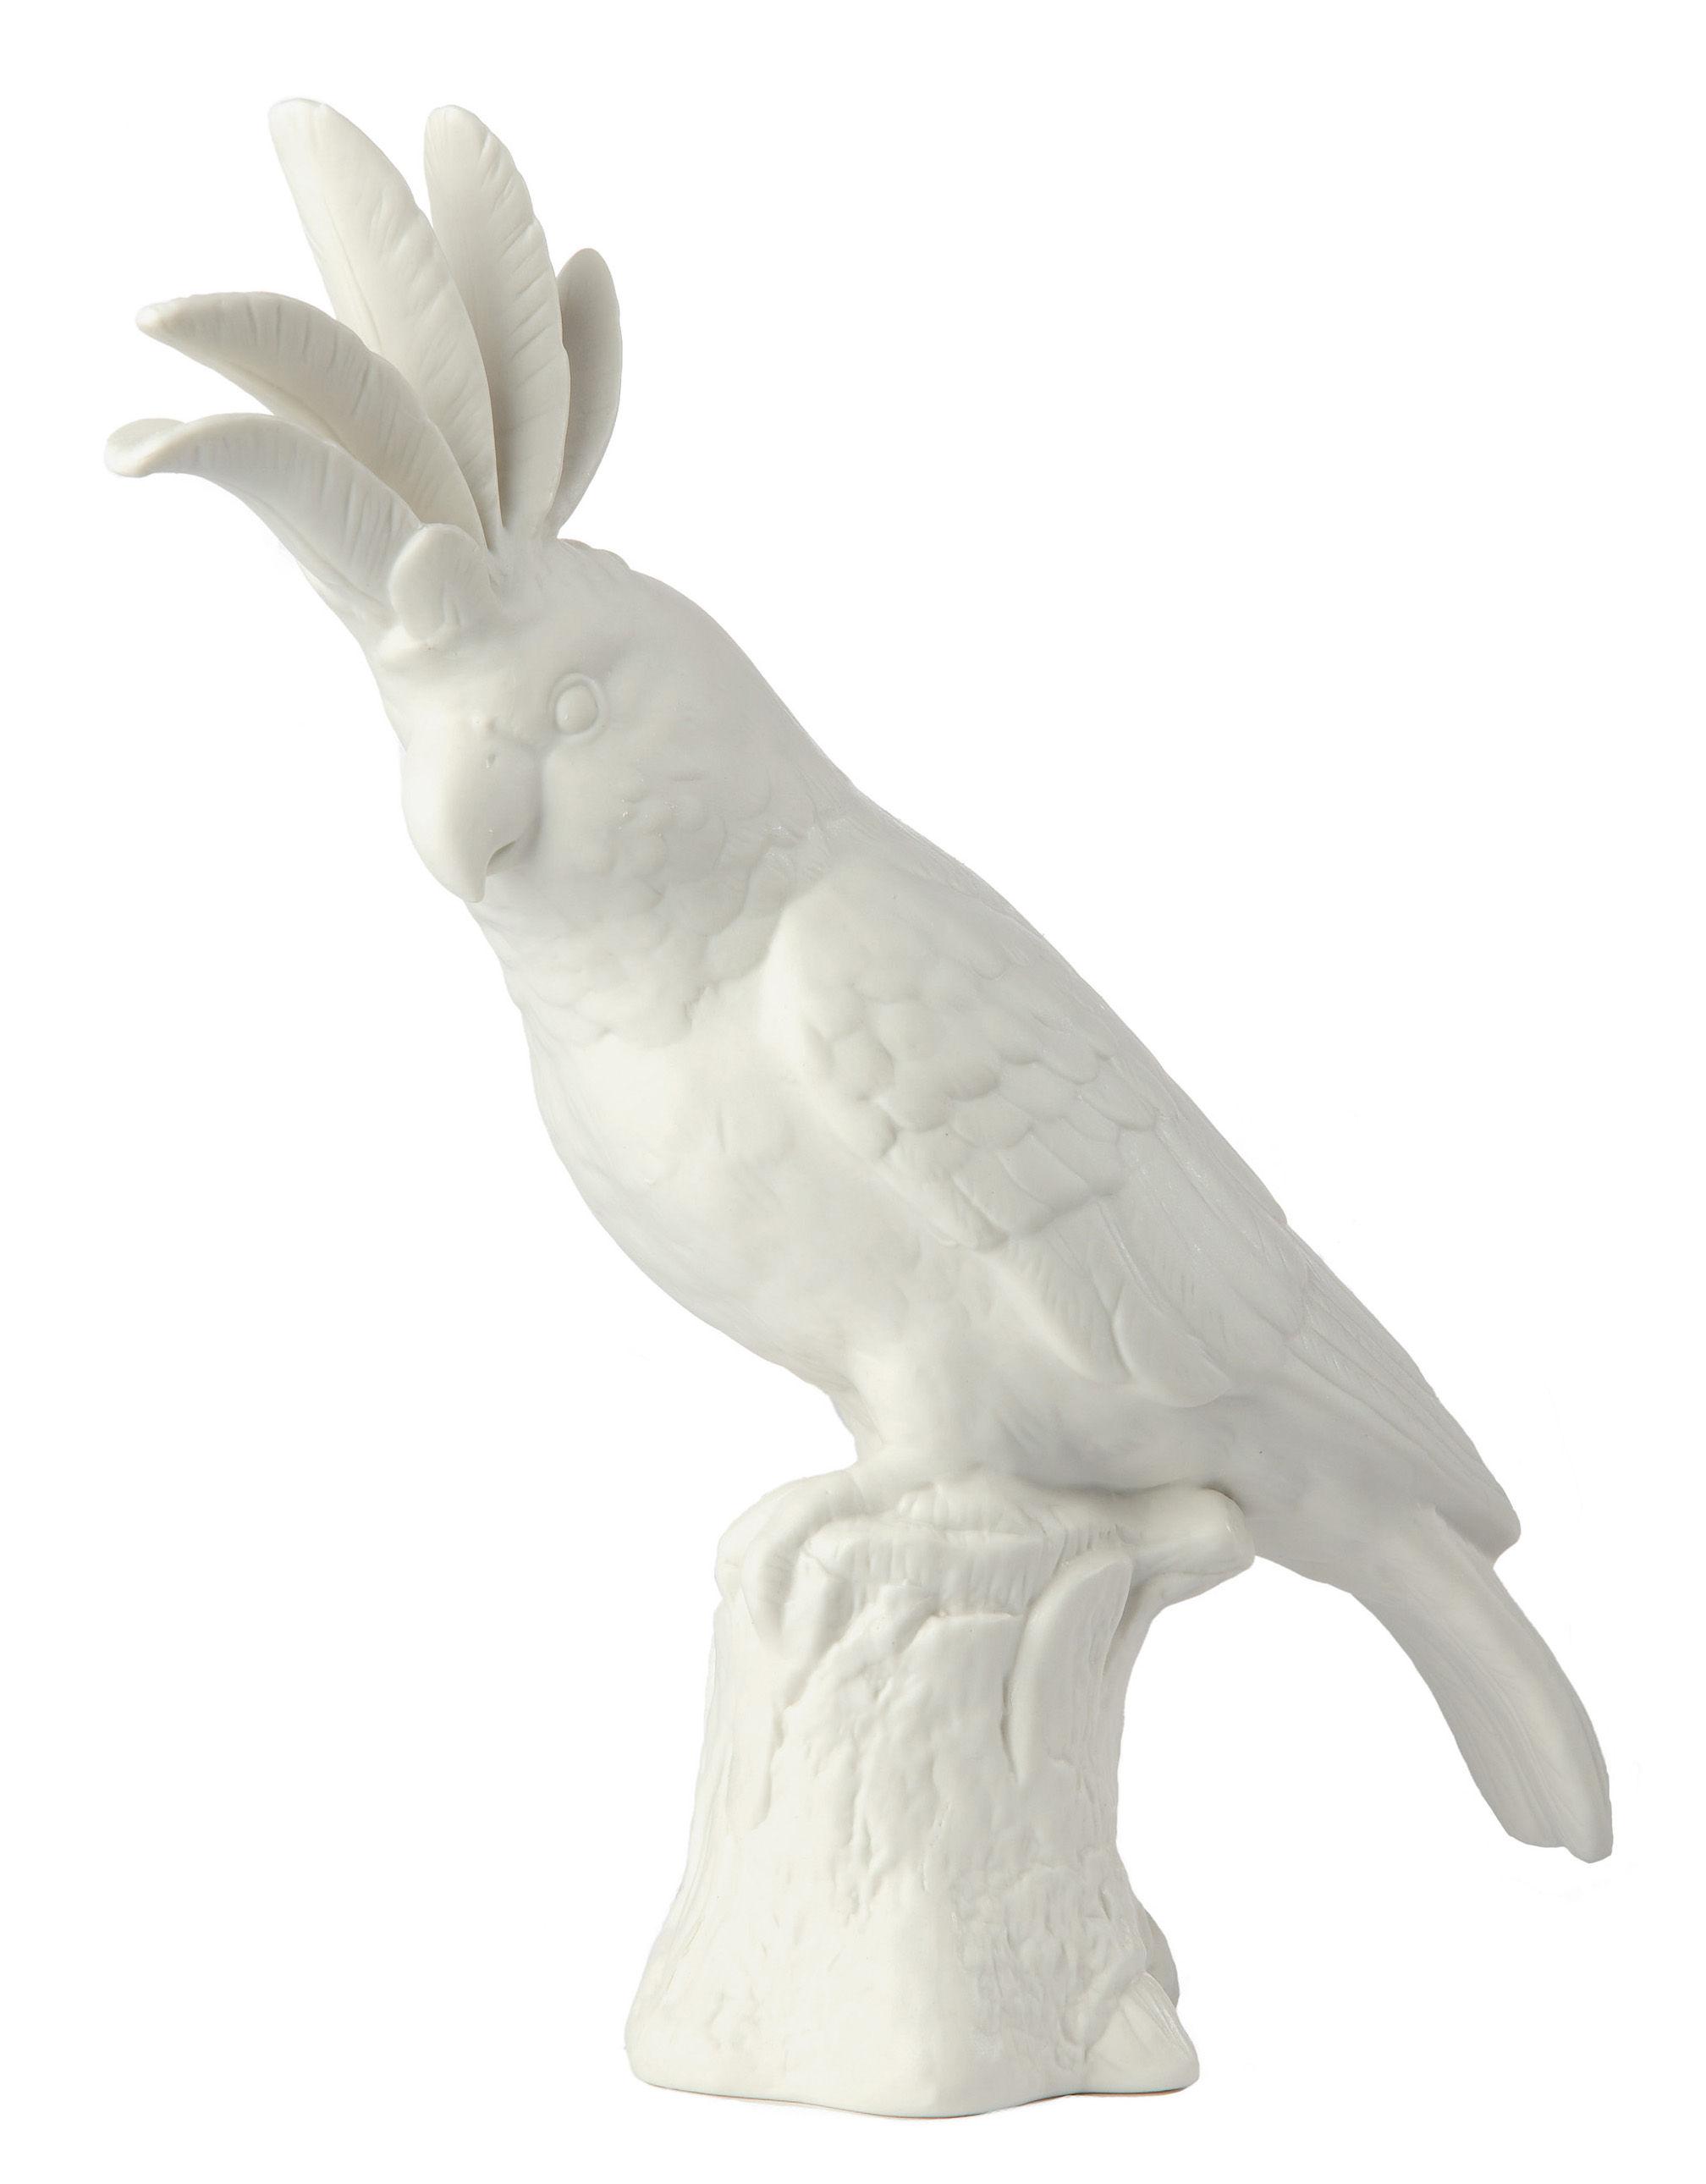 Déco - Objets déco et cadres-photos - Décoration Cacatoès / Porcelaine - H 33 cm - Pols Potten - Cacatoès / Blanc - Porcelaine